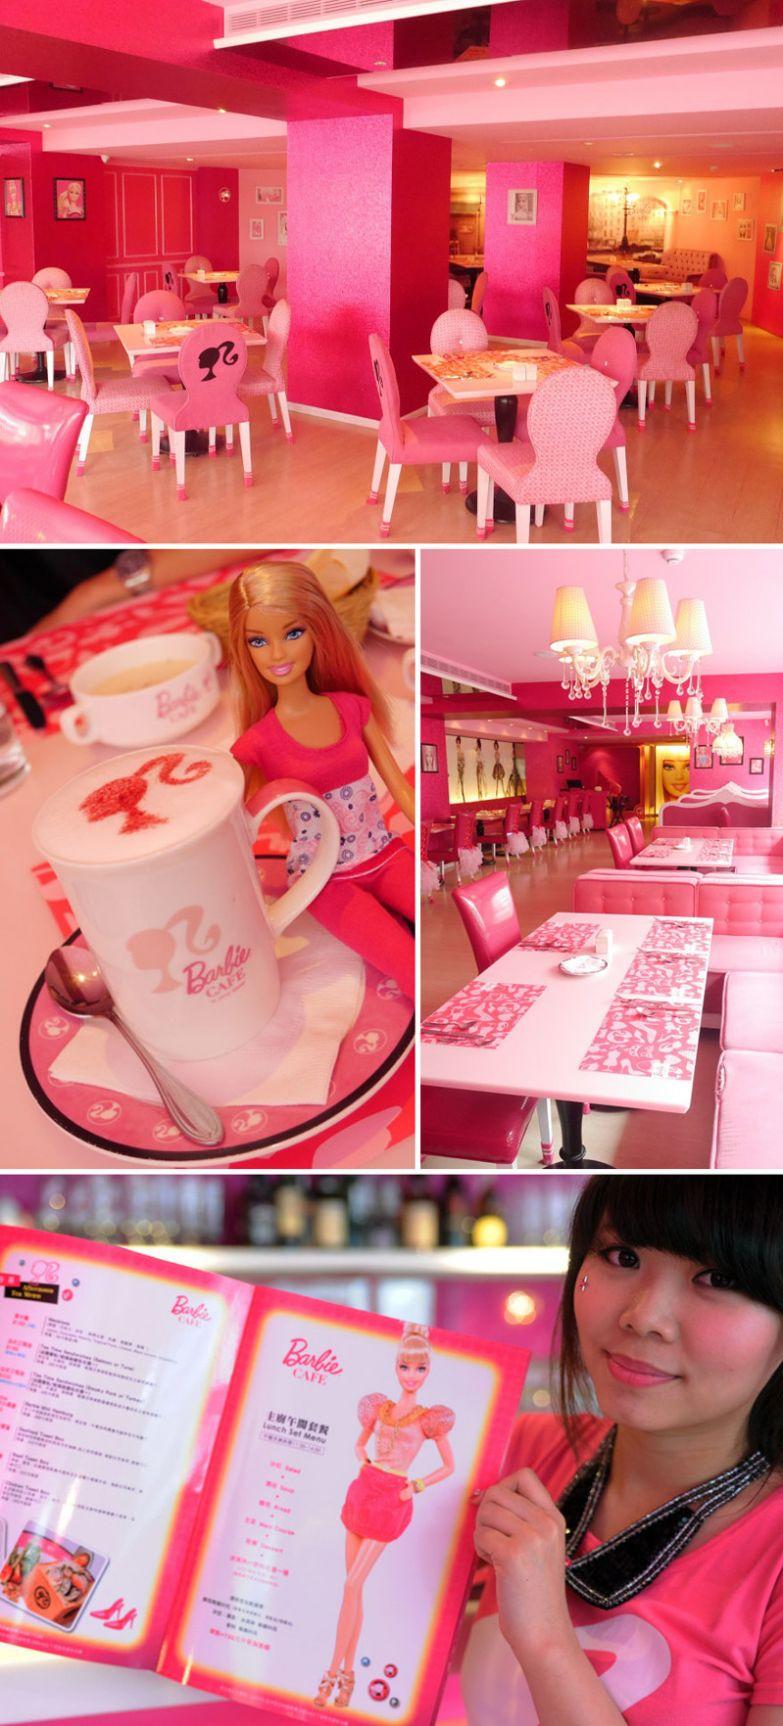 Кафе Barbie, Тайбэй, Тайвань мир, подборка, ресторан